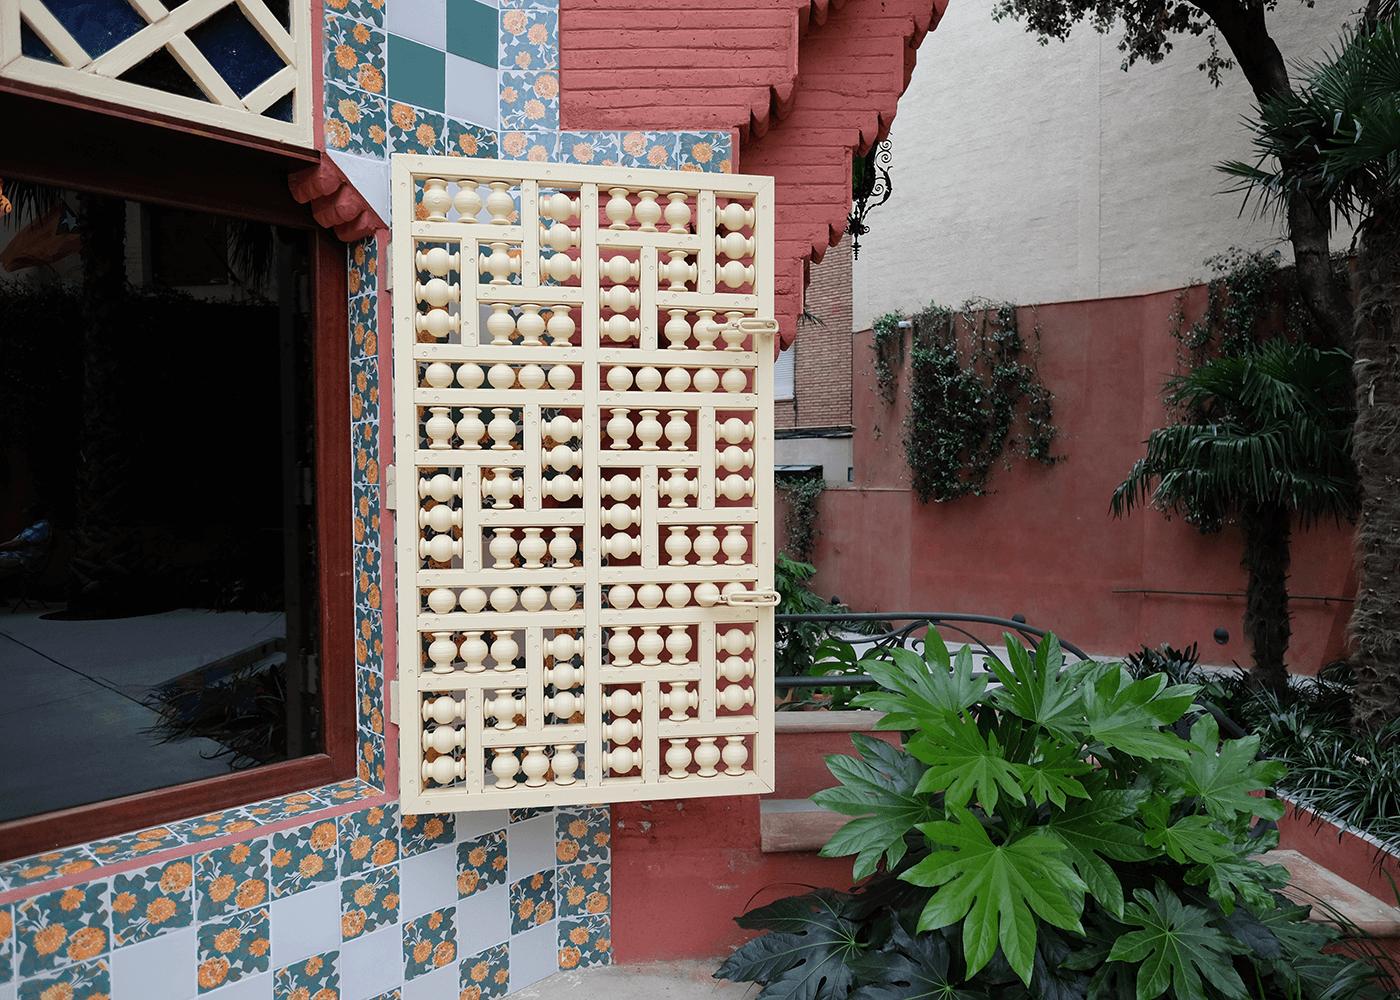 Casa Vicens(カサ ビセンス)